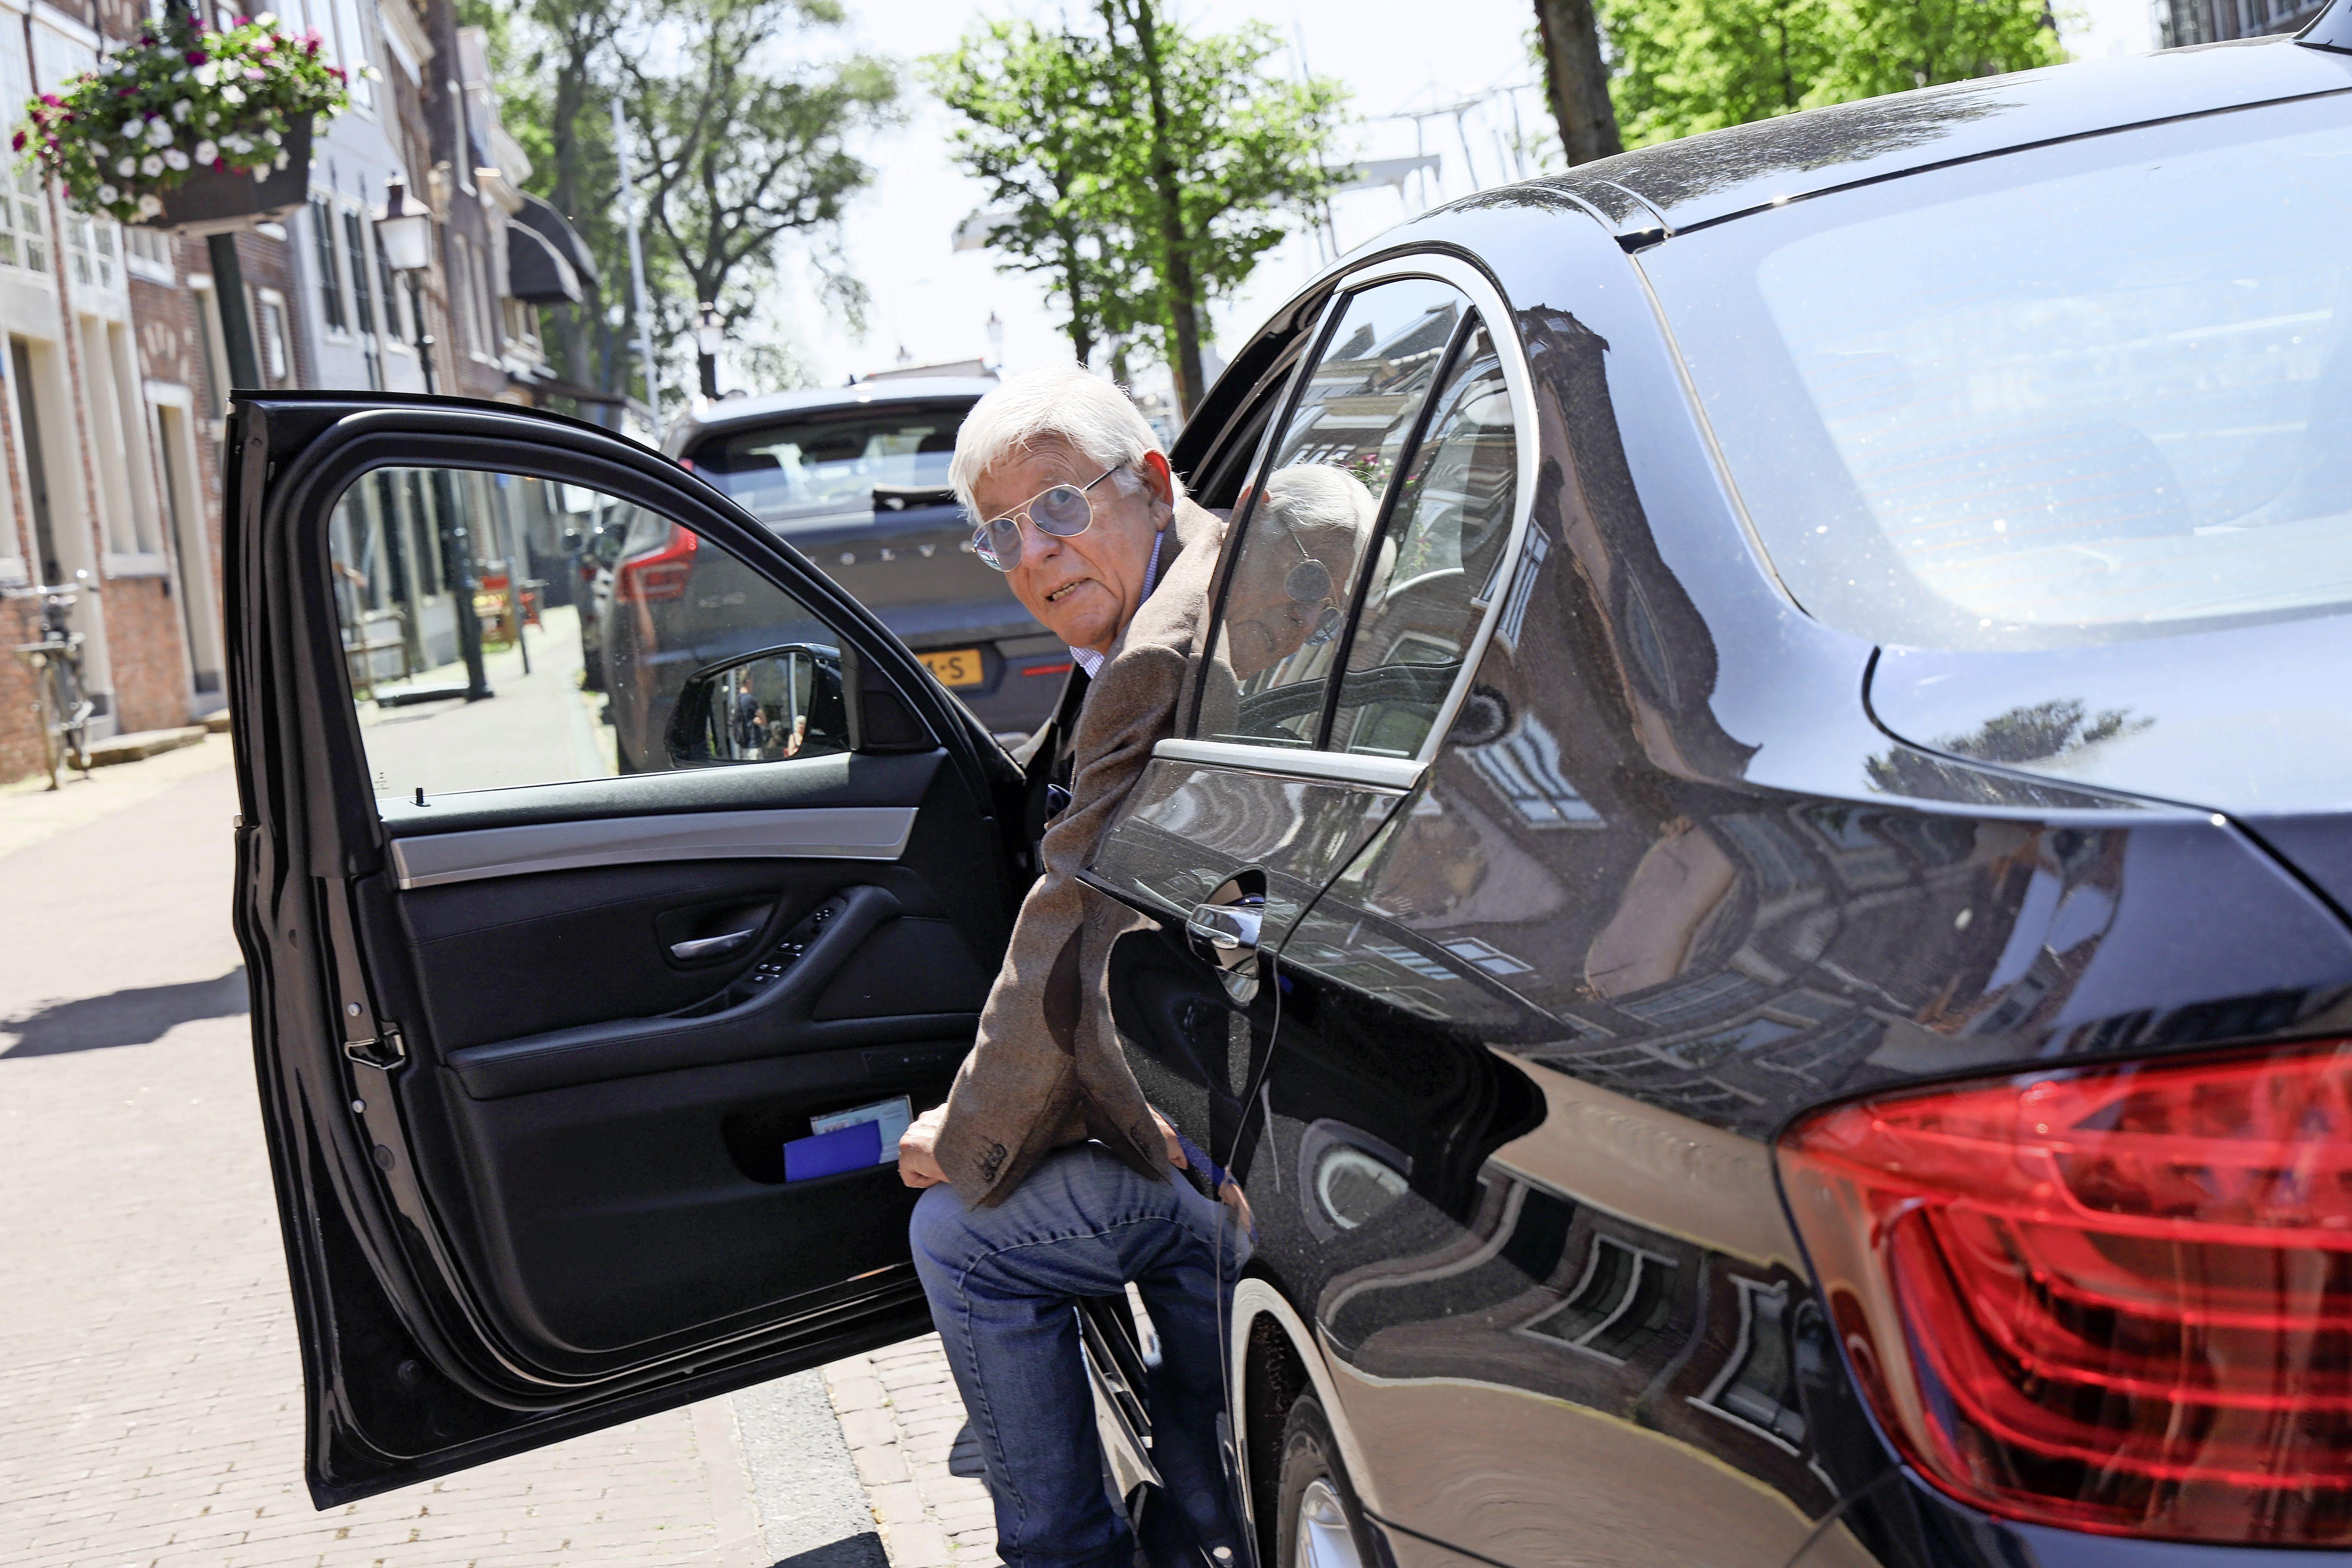 Blaricummer Hendrik Baay vocht drie jaar lang tevergeefs tegen een verkeersboete in Hoorn, tot aan de Hoge Raad aan toe. De kosten zijn vertienvoudigd, maar dat was het hem waard